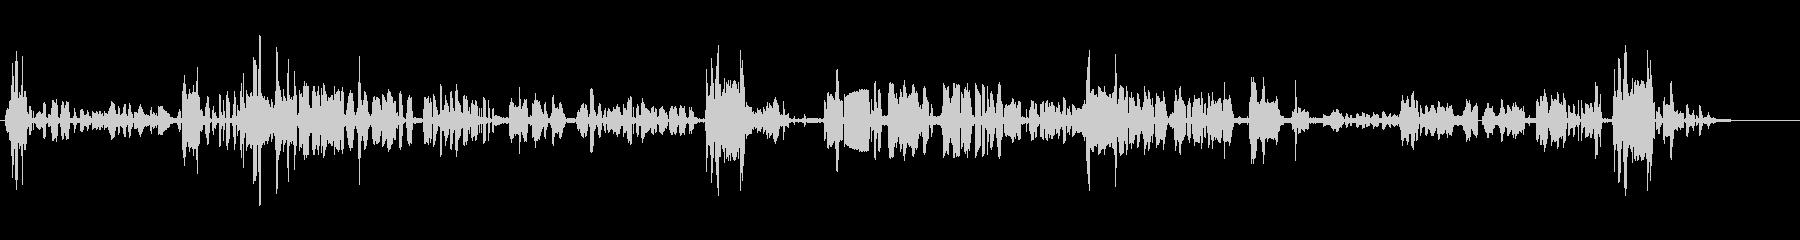 スウェーデンラジオスキャンの未再生の波形